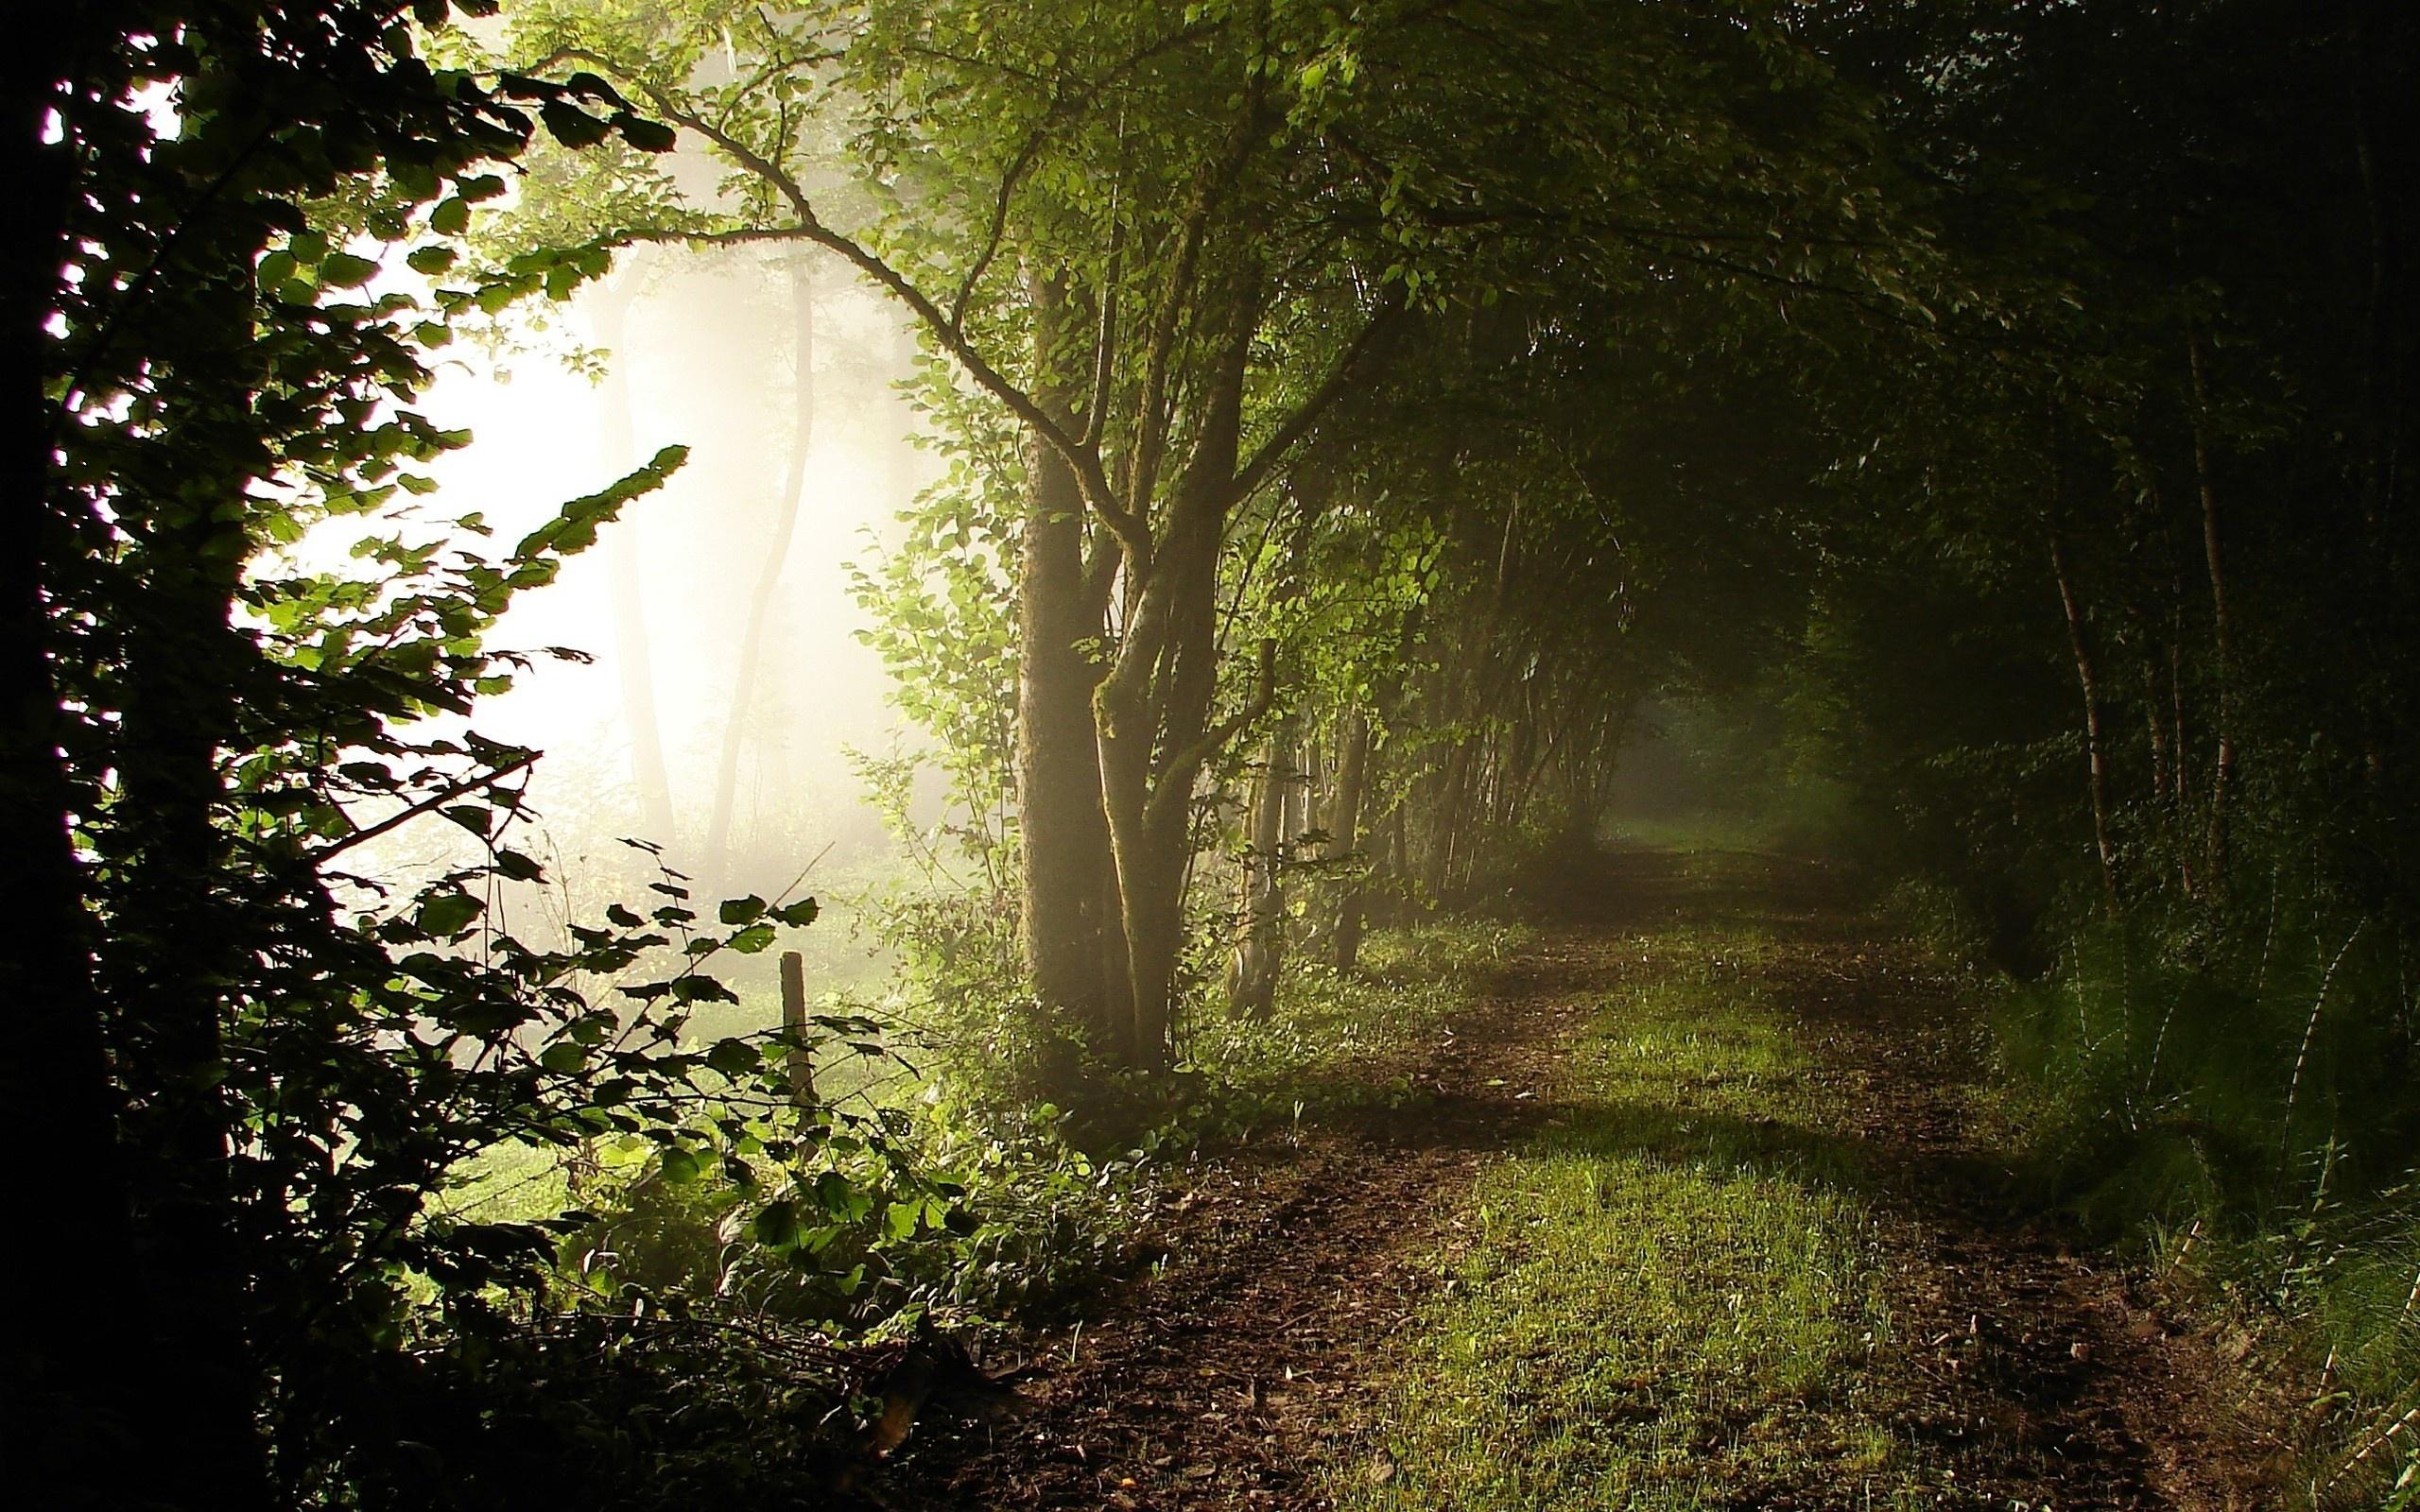 46046 скачать обои Пейзаж, Природа, Деревья - заставки и картинки бесплатно